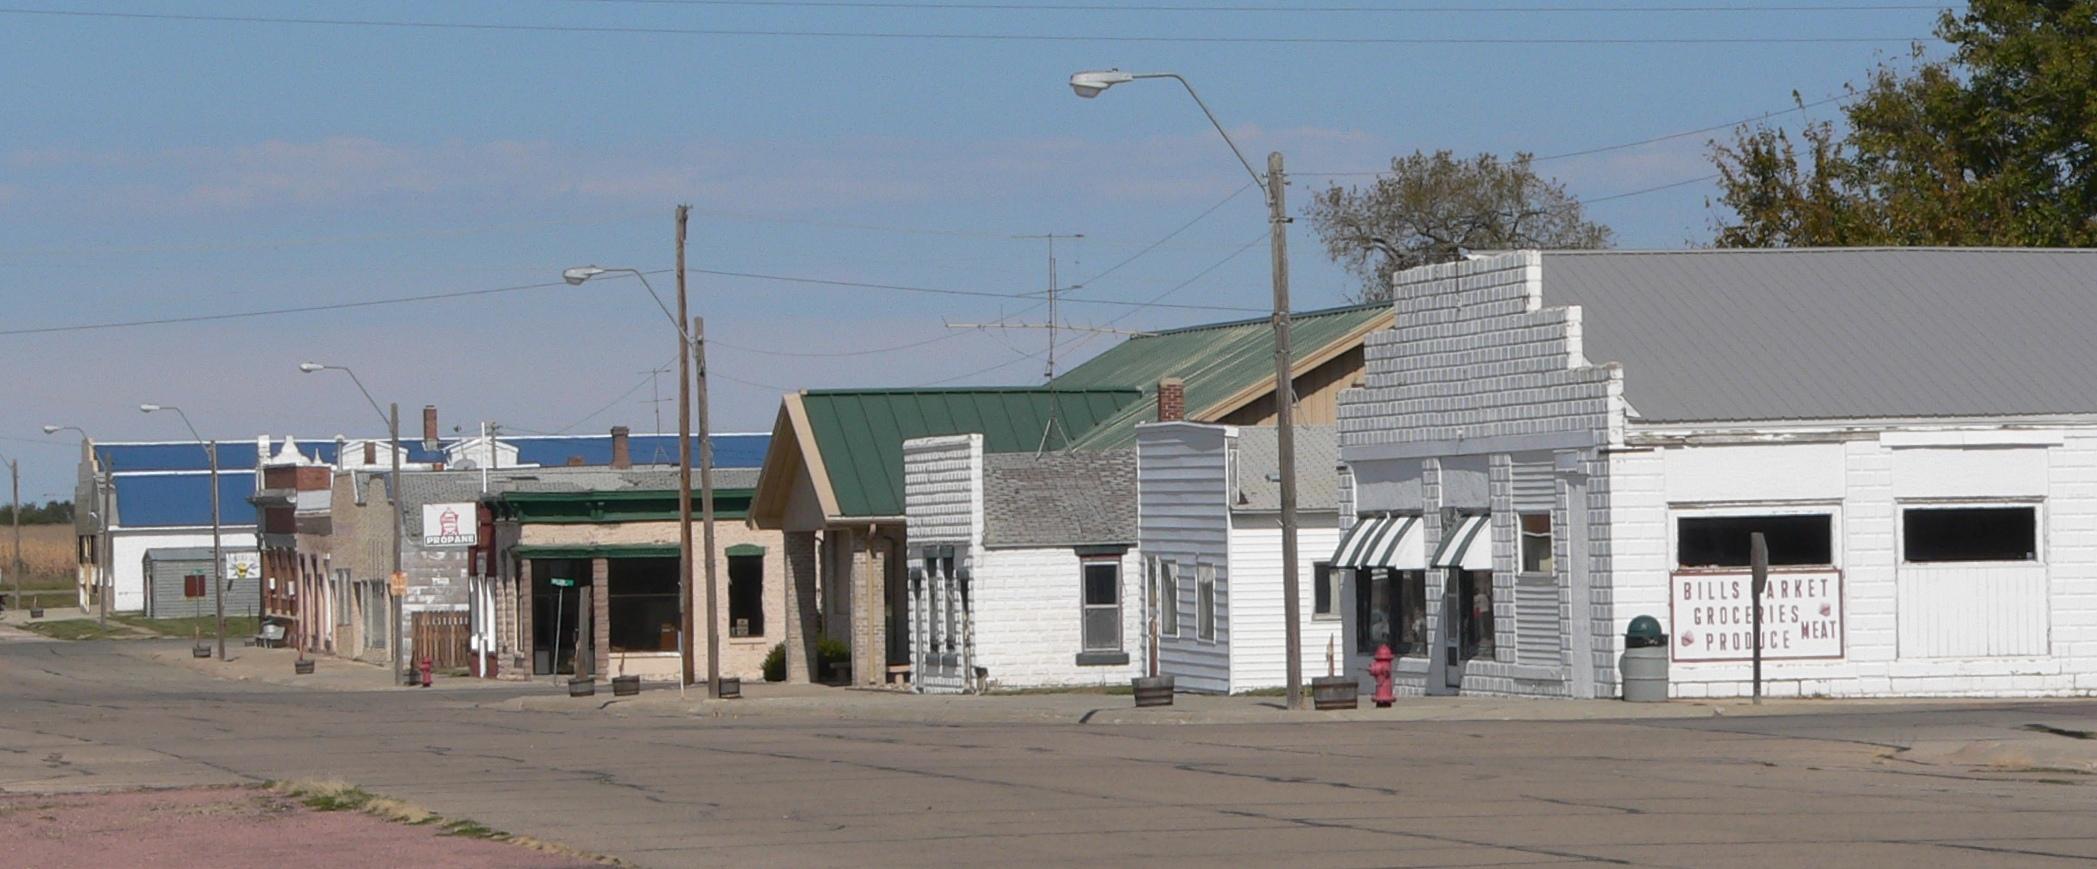 Város az államhatáron Butte,_Nebraska_Thayer_Street_3